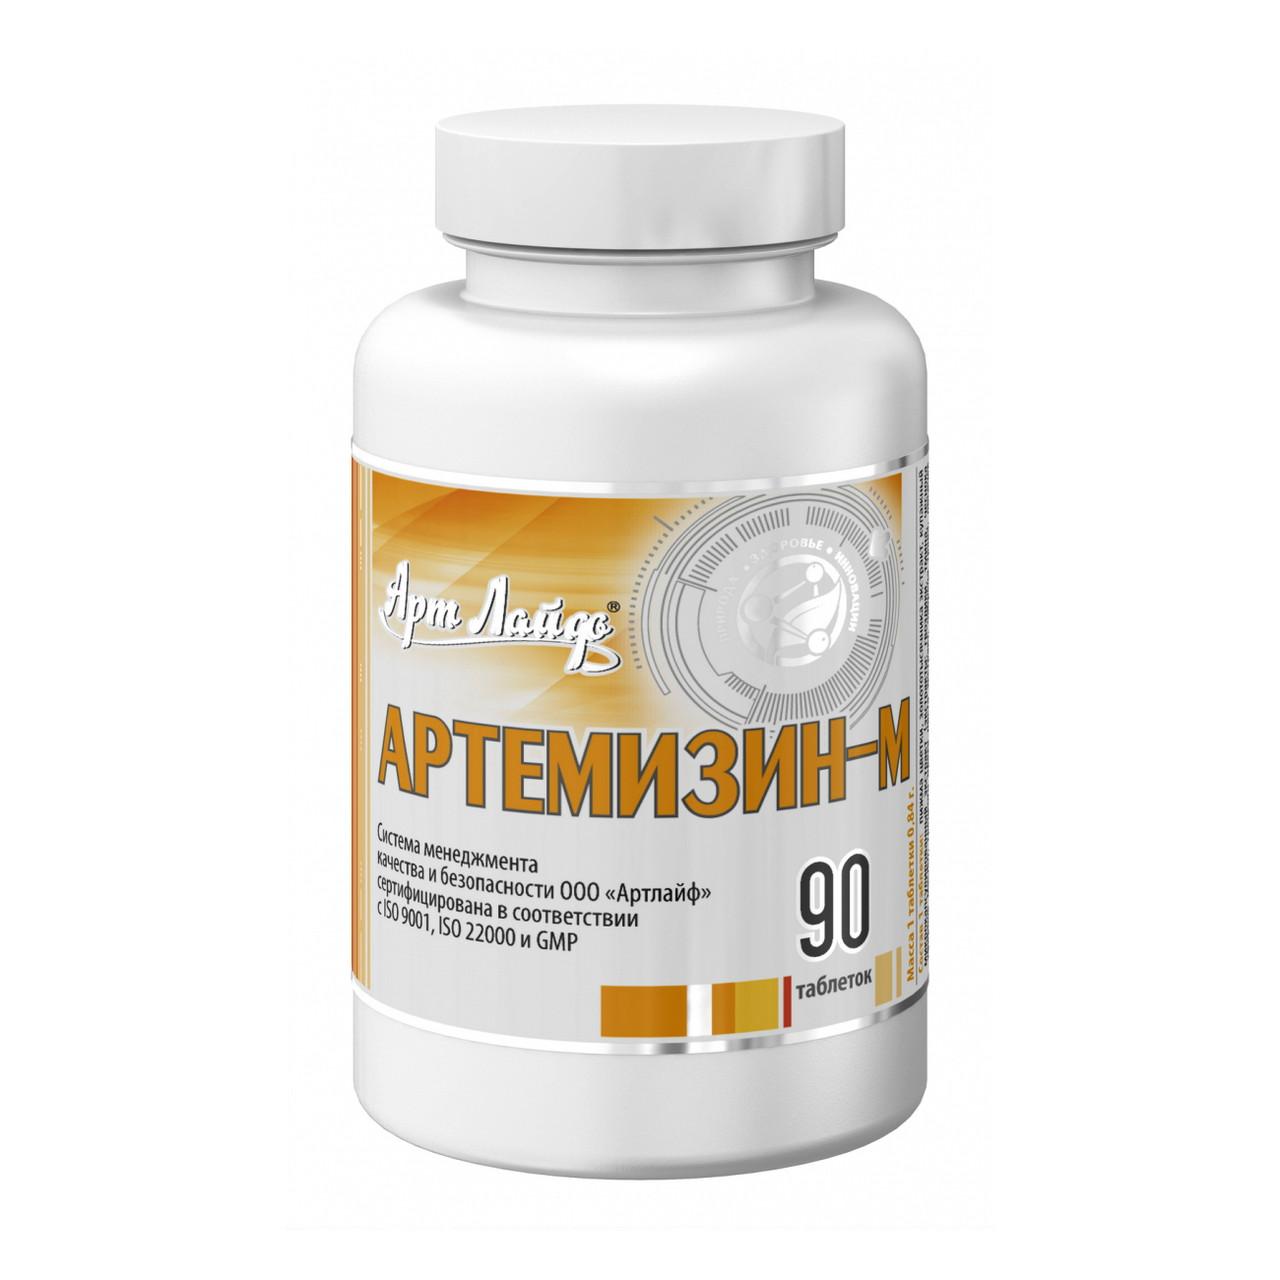 Артемизин-М (на основе лисичек), 90 табл. «АртЛайф» (2117) Биологически активная добавка